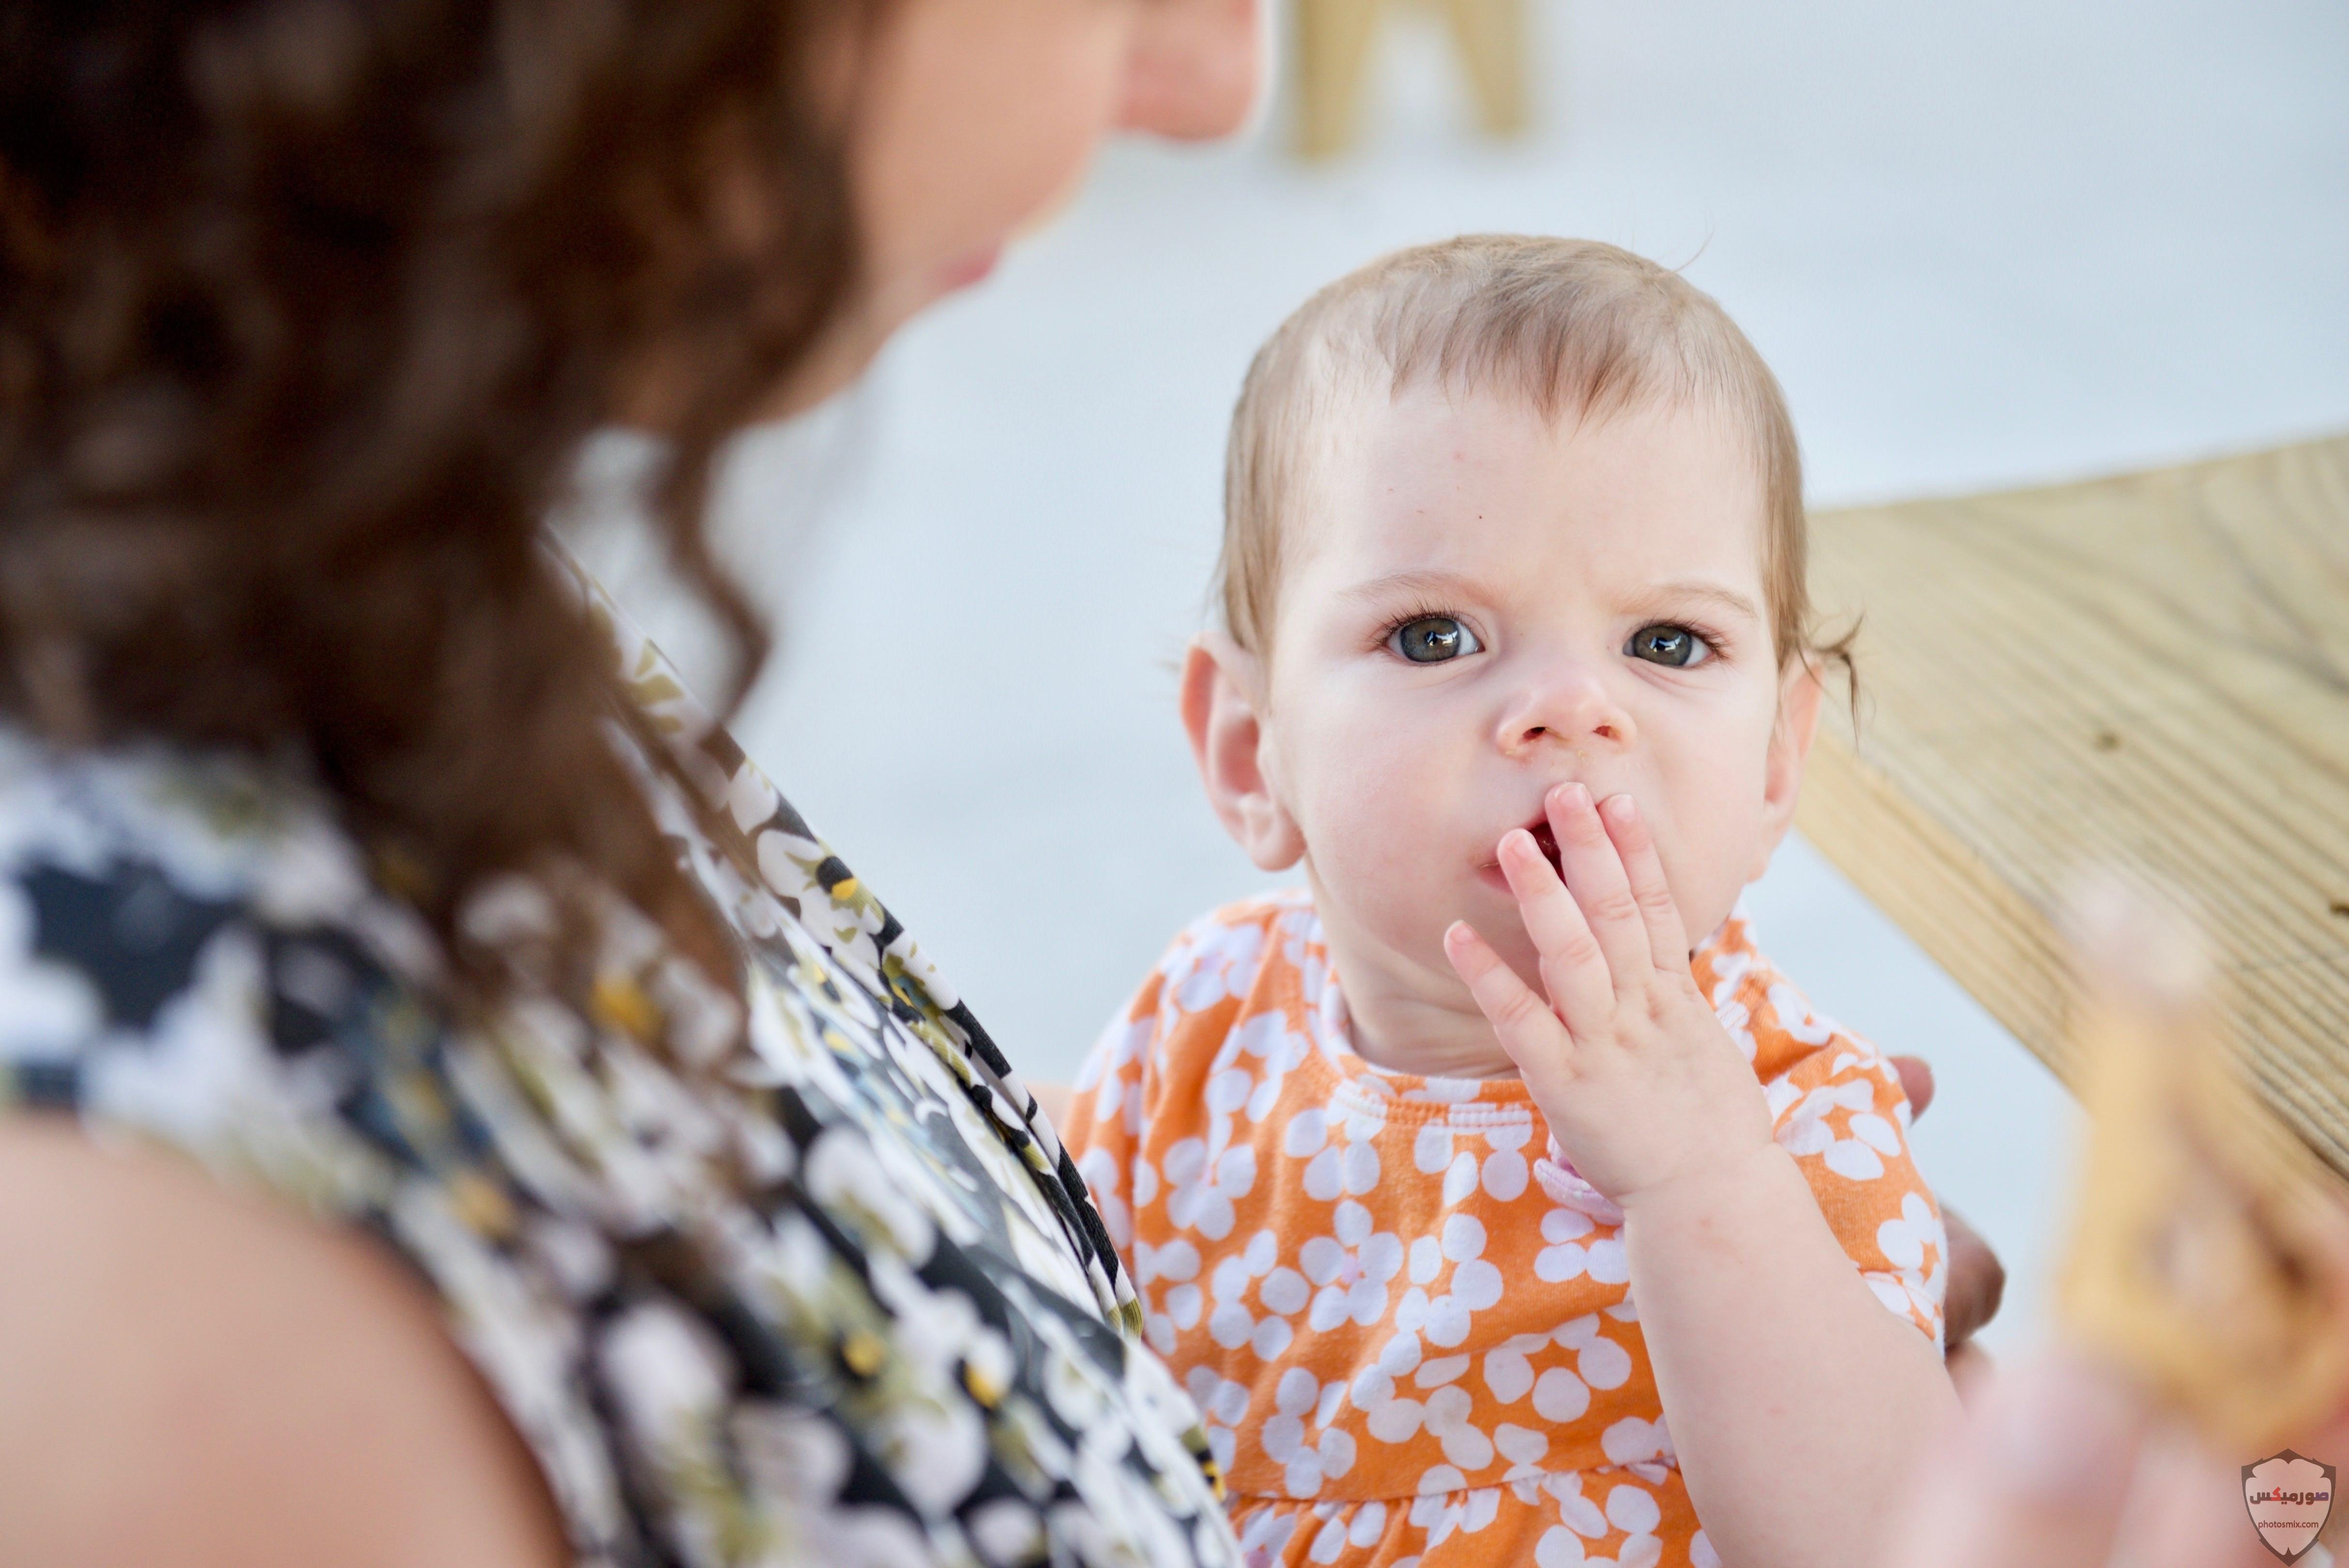 صور اطفال 2021 تحميل اكثر من 100 صور اطفال جميلة صور اطفال روعة 2020 25 1